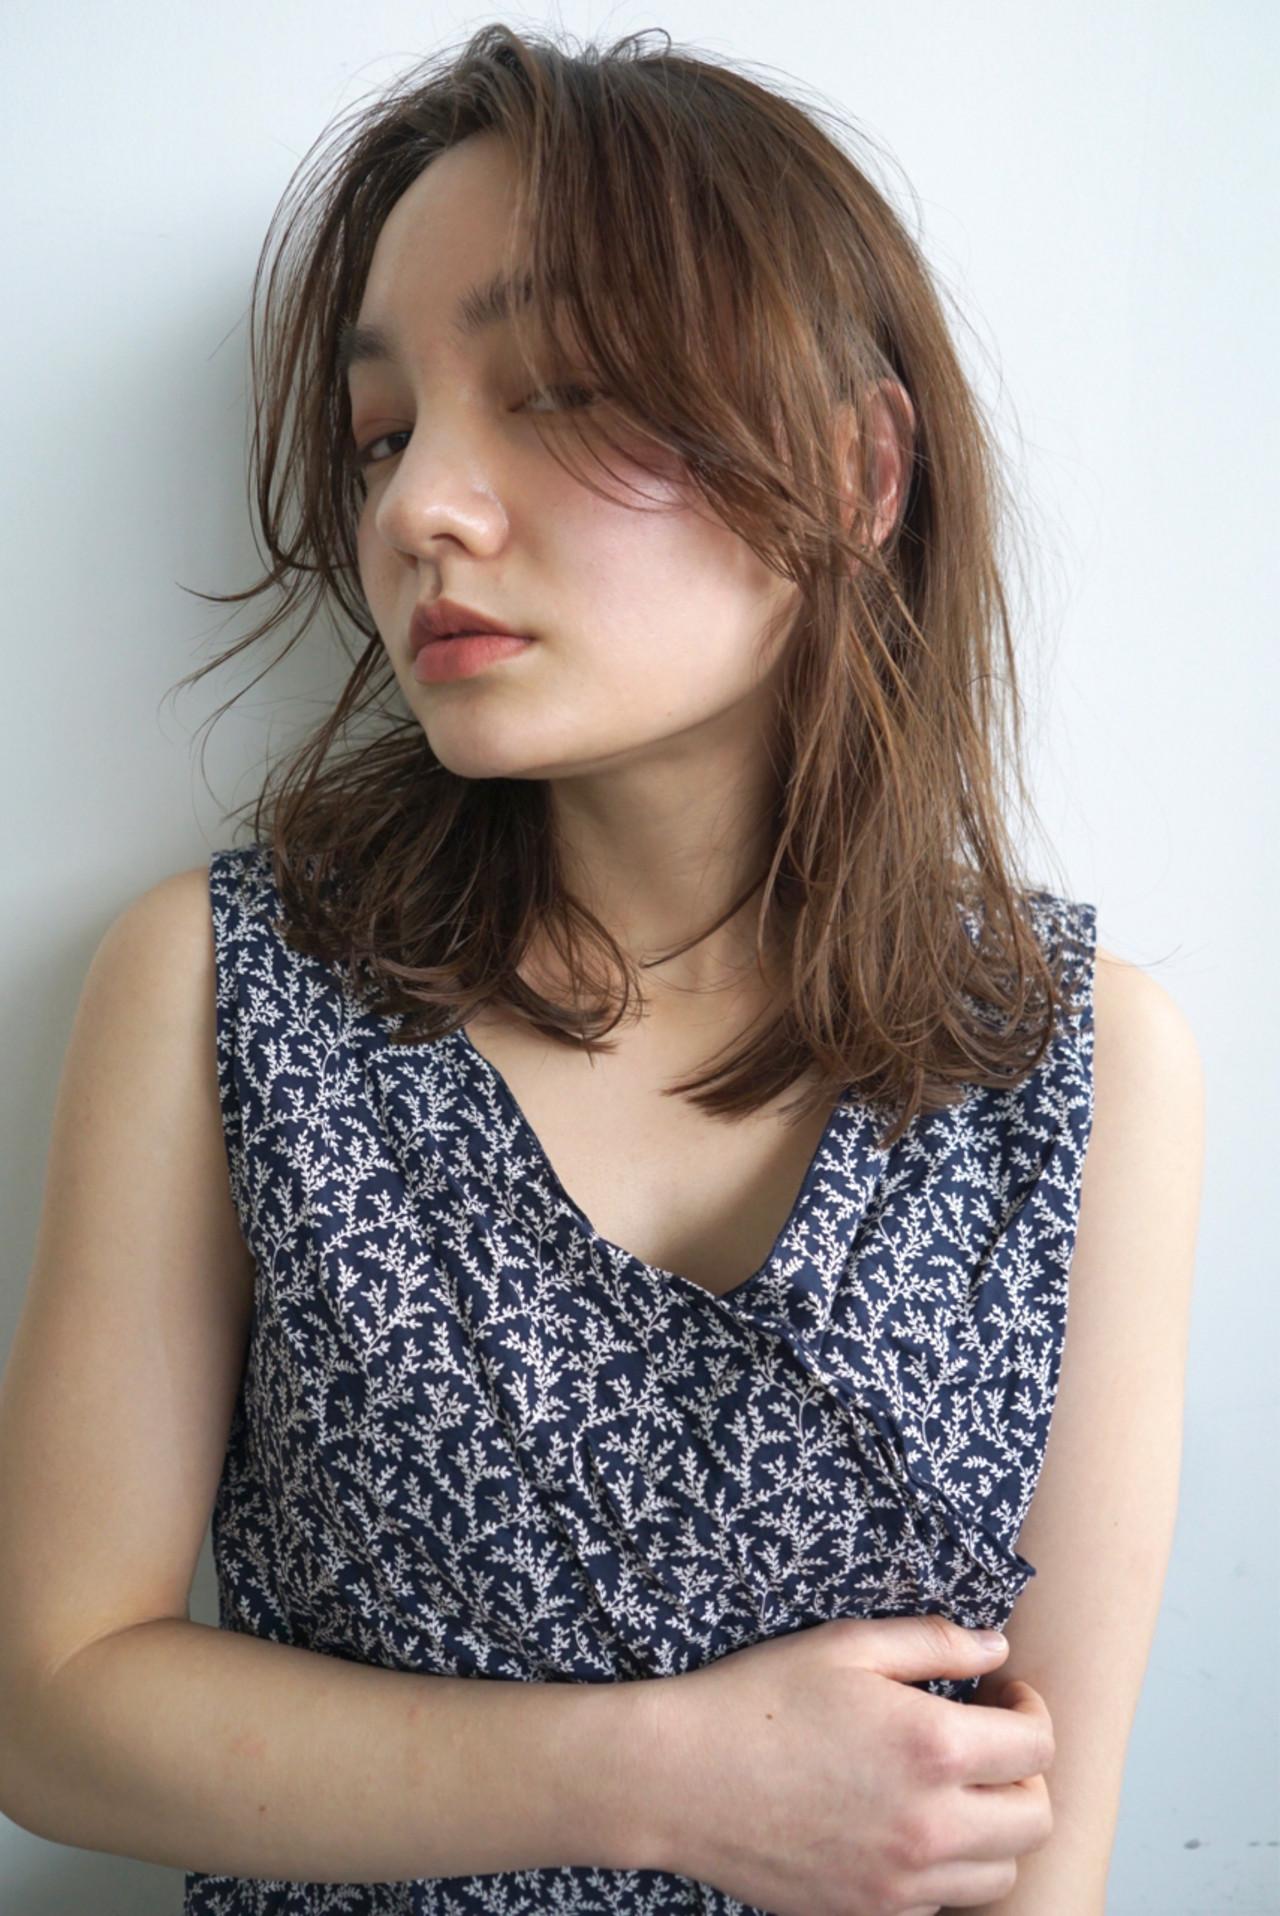 ミディアム うざバング 前髪なし センターパート ヘアスタイルや髪型の写真・画像 | UEKI/nanuk / nanuk二子玉川